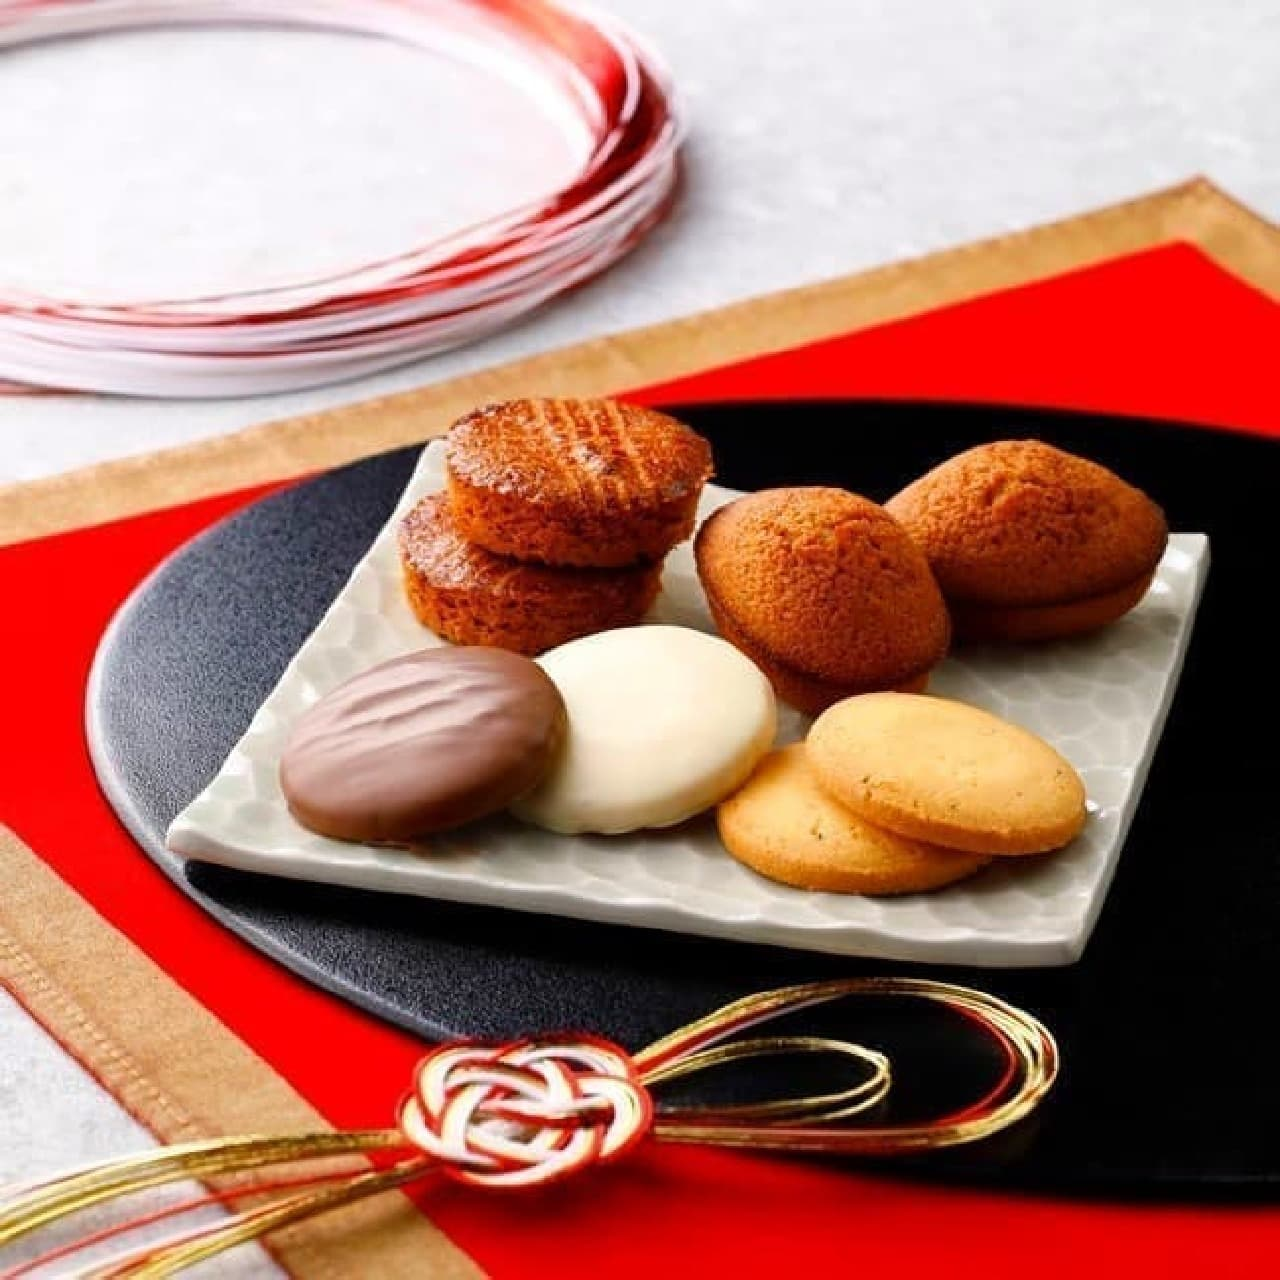 チーズガーデン「迎春」焼菓子5種詰合せ